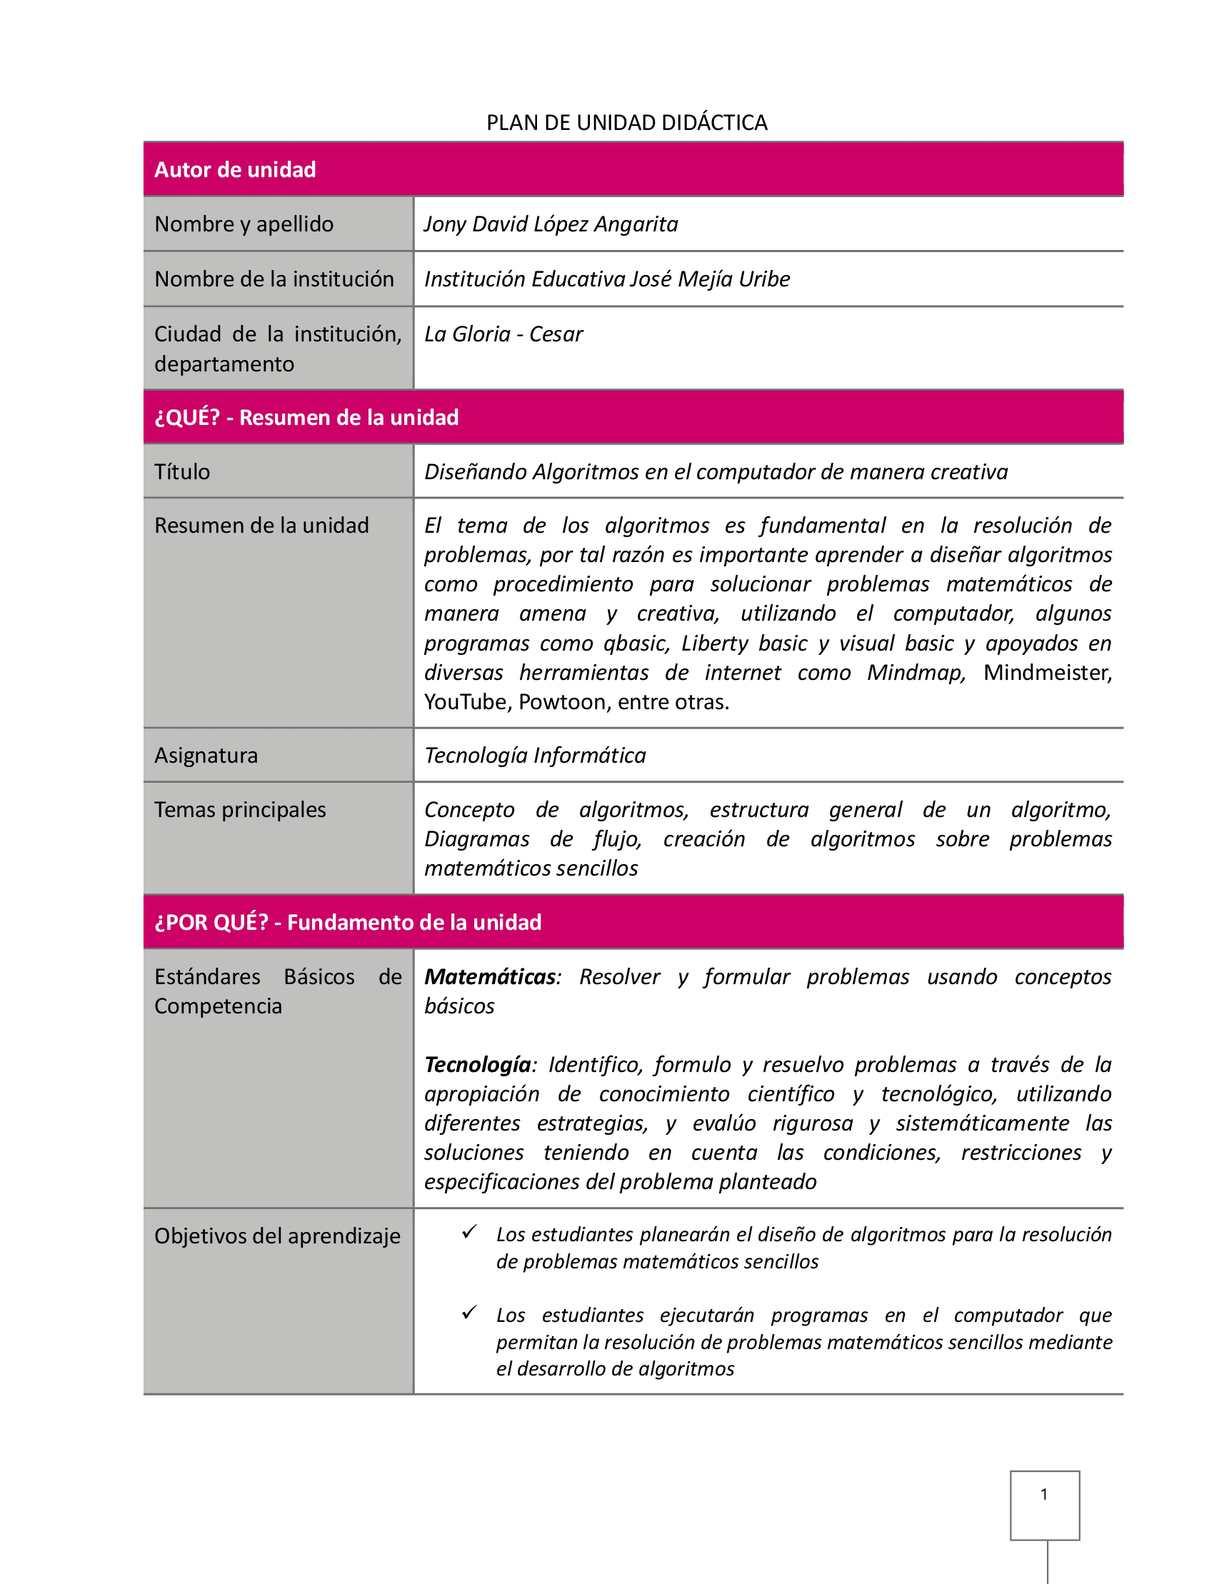 Plan de unidad didactica algoritmos calameo downloader page 1 ccuart Image collections